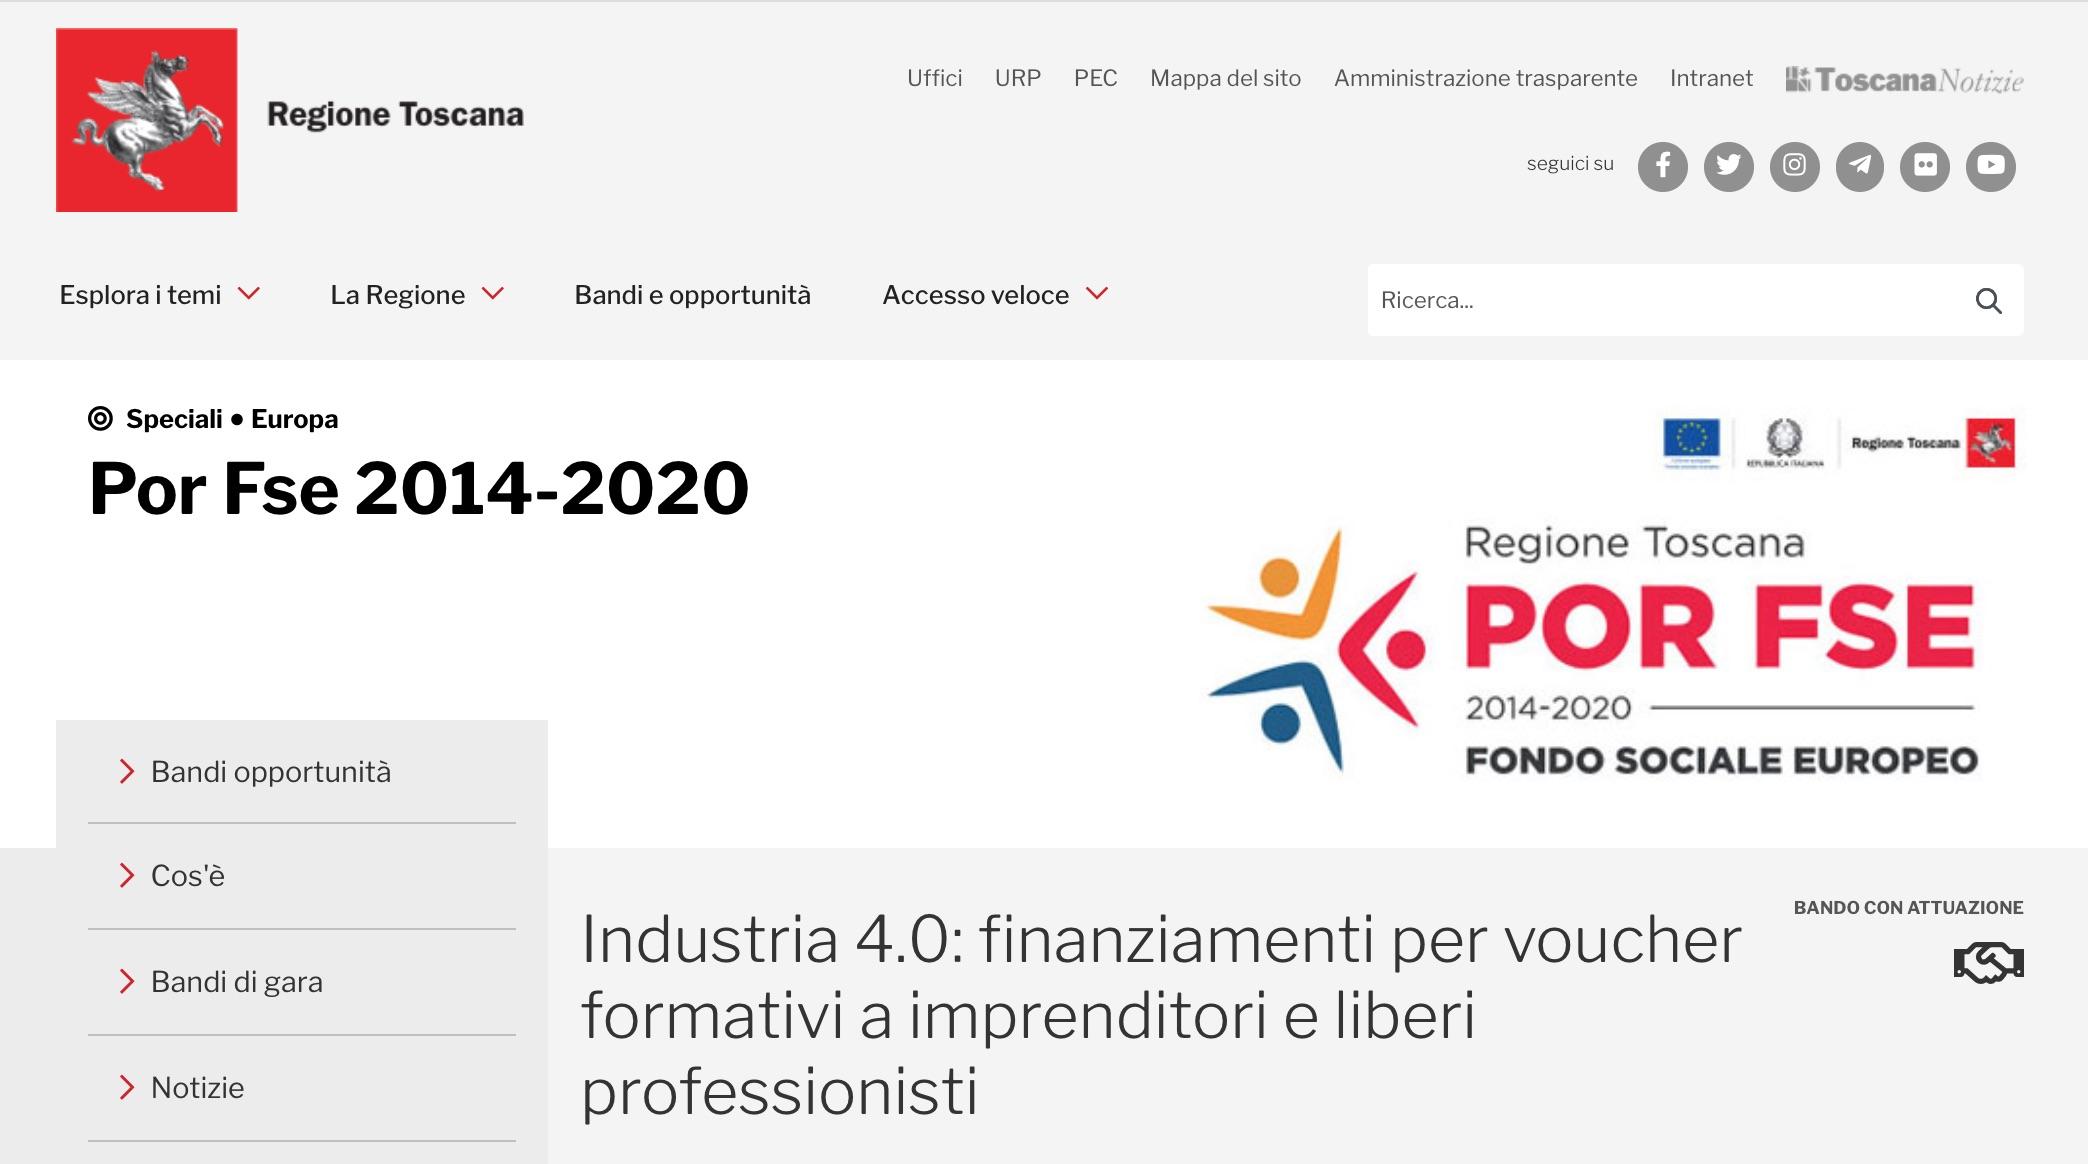 Voucher Formativi, Pubblicato Il Bando Della Regione Toscana